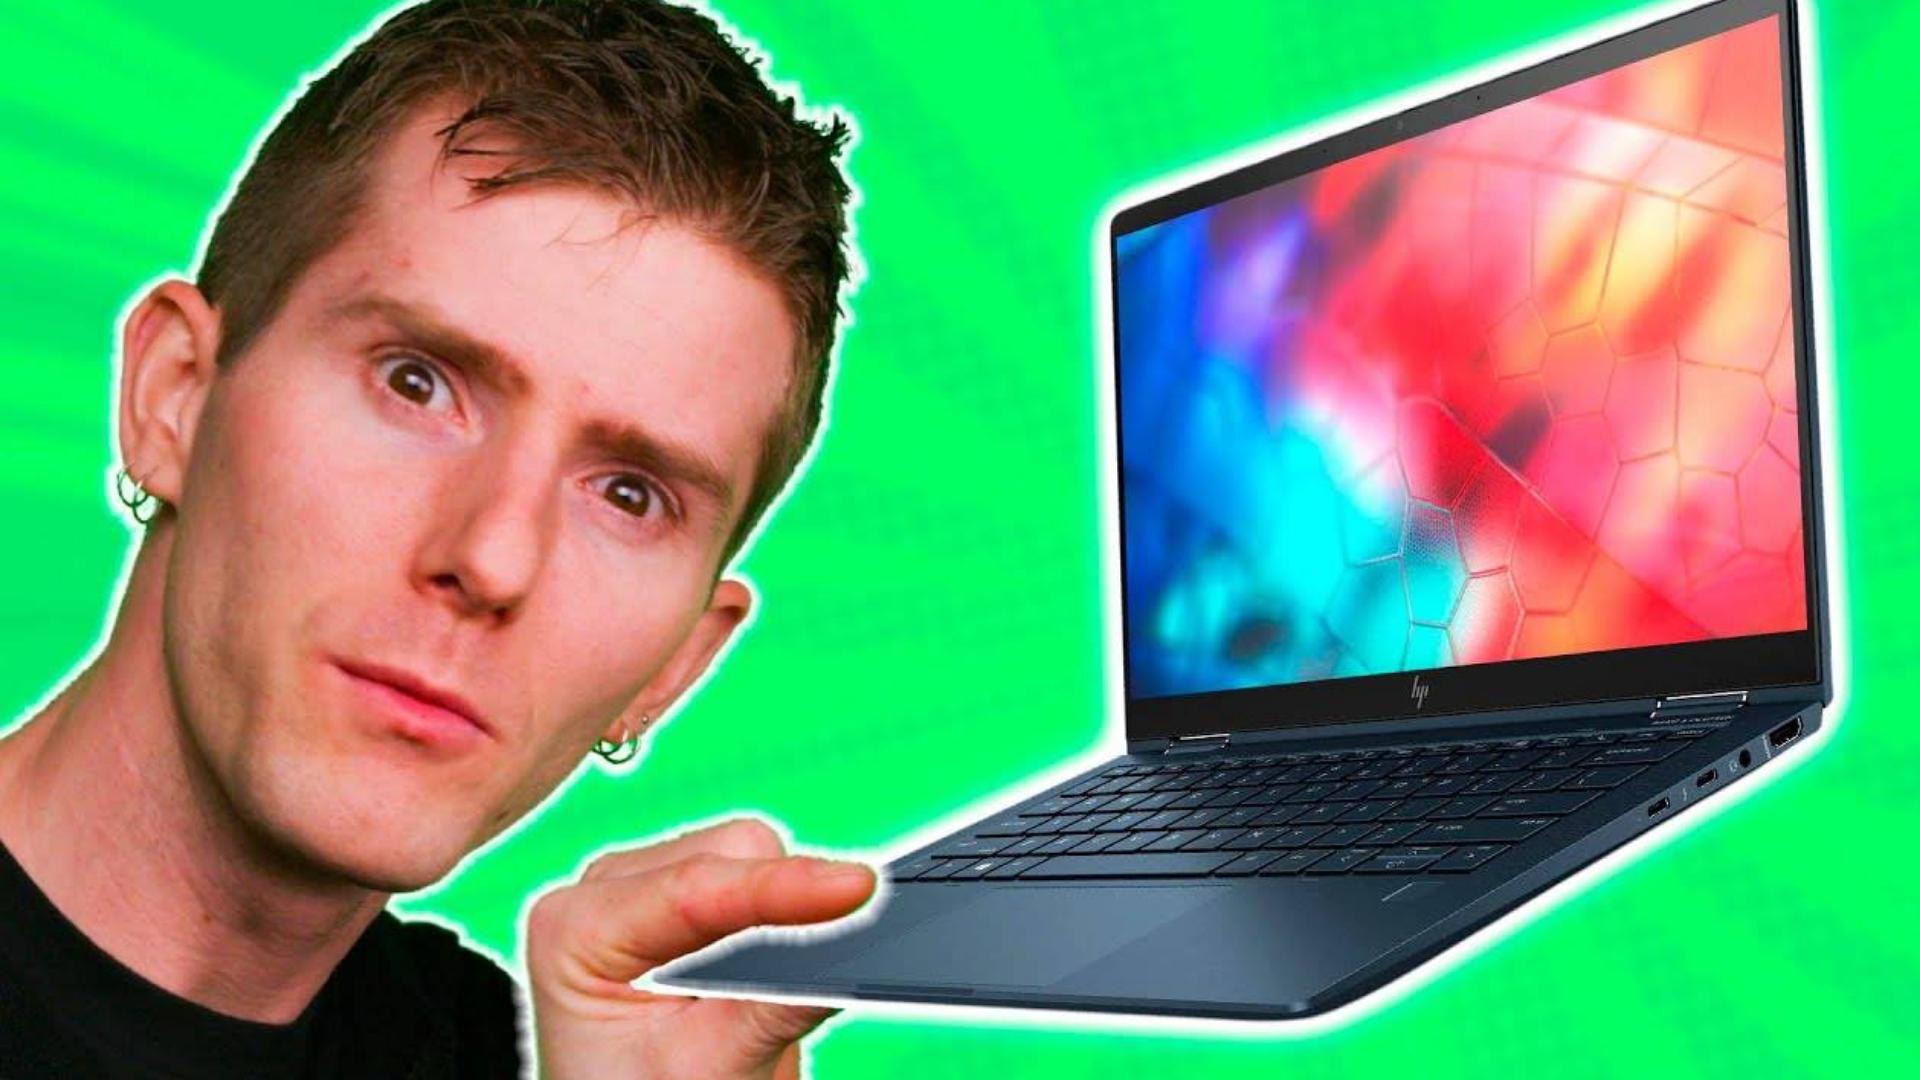 【官方双语】笔记本电脑是怎样变轻薄的(赞助视频) #电子速谈